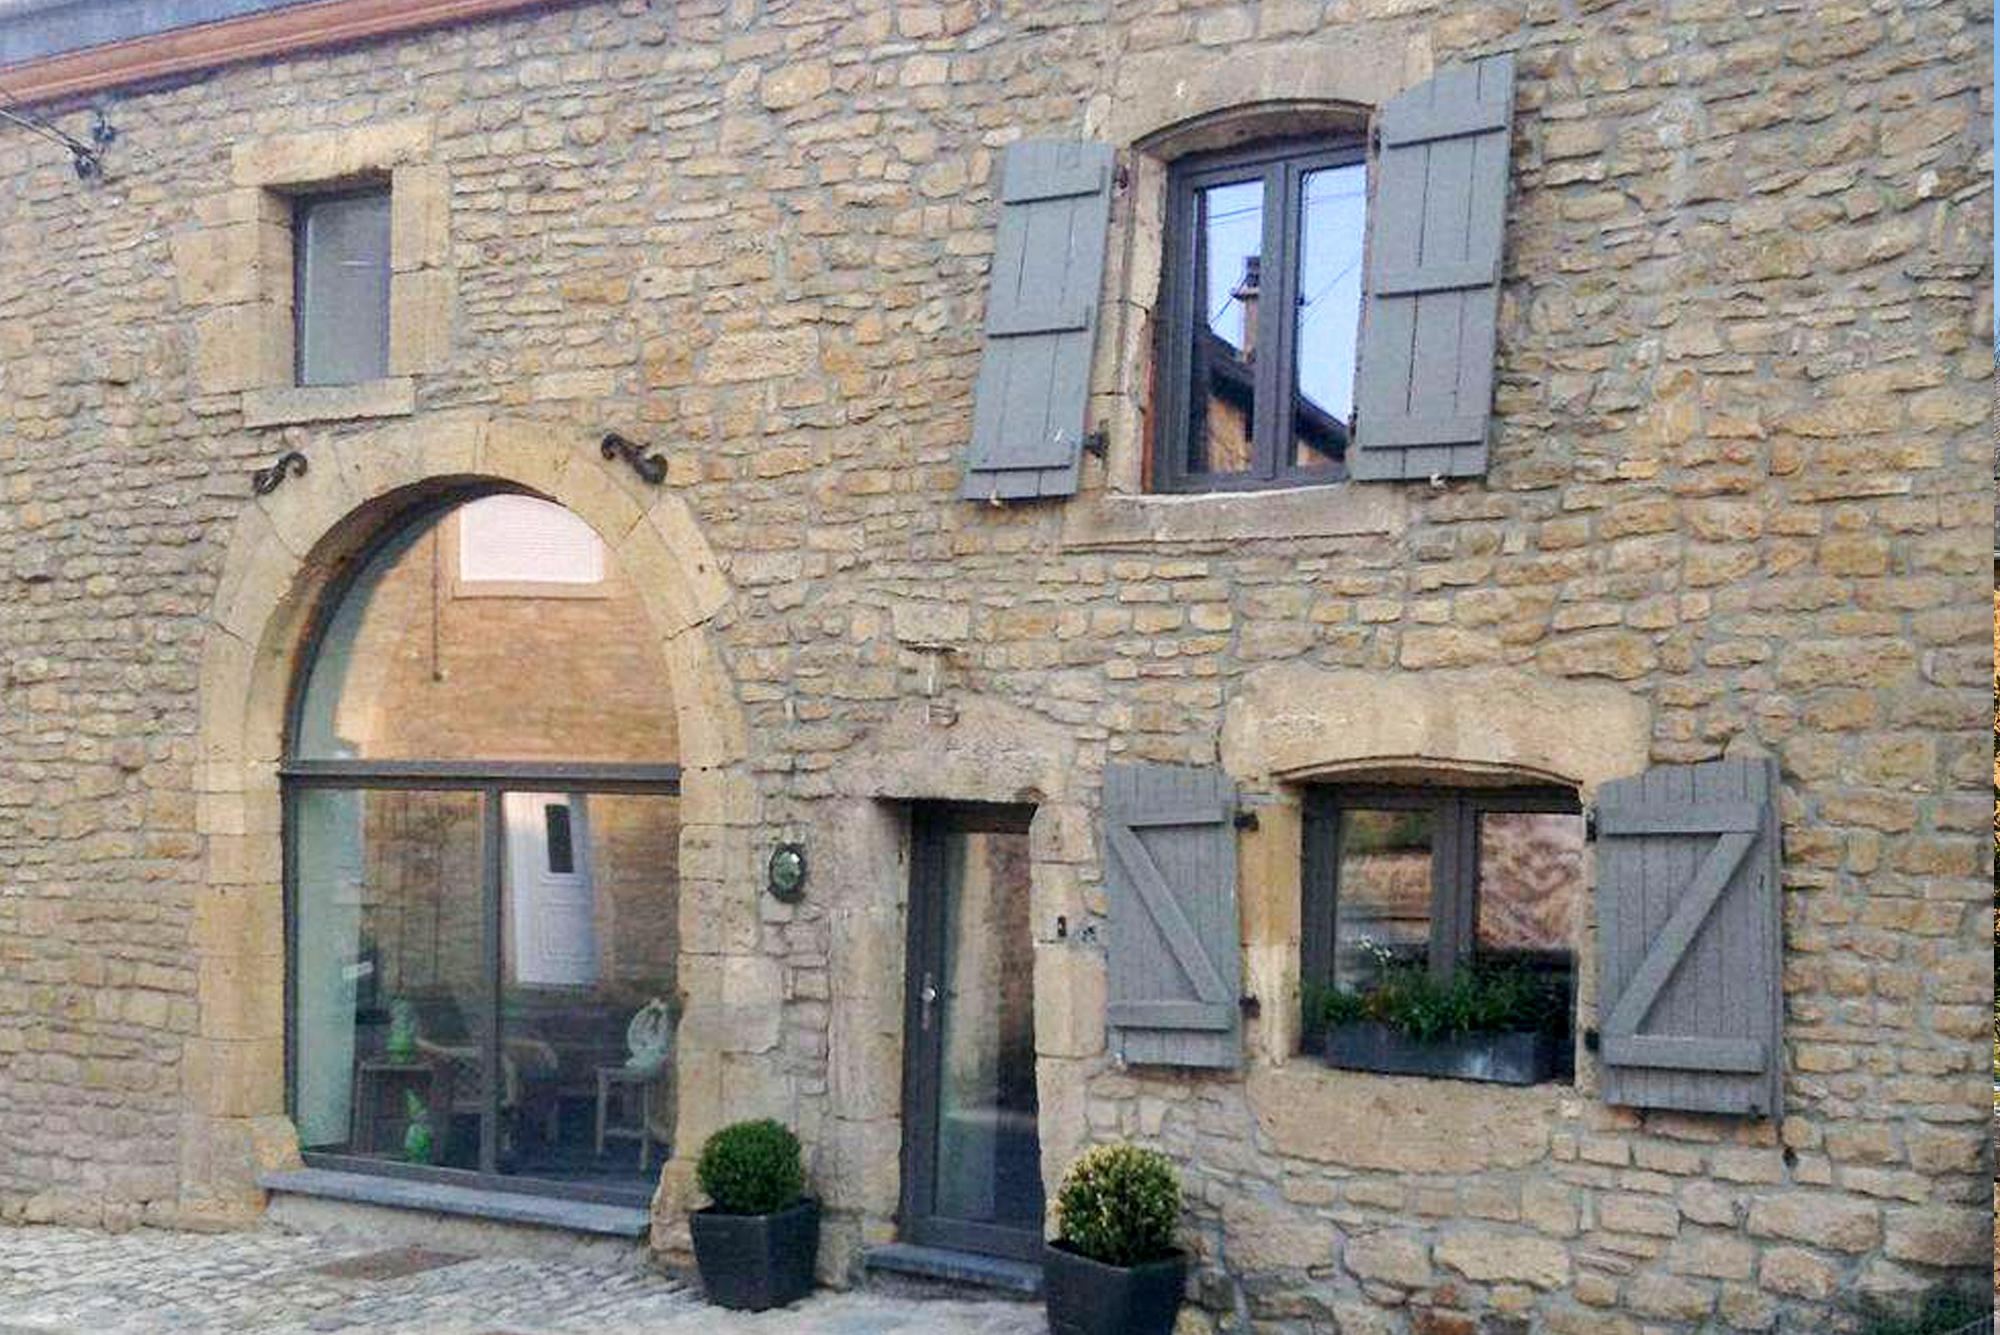 Domaine_du_Vieux_Chateau-11